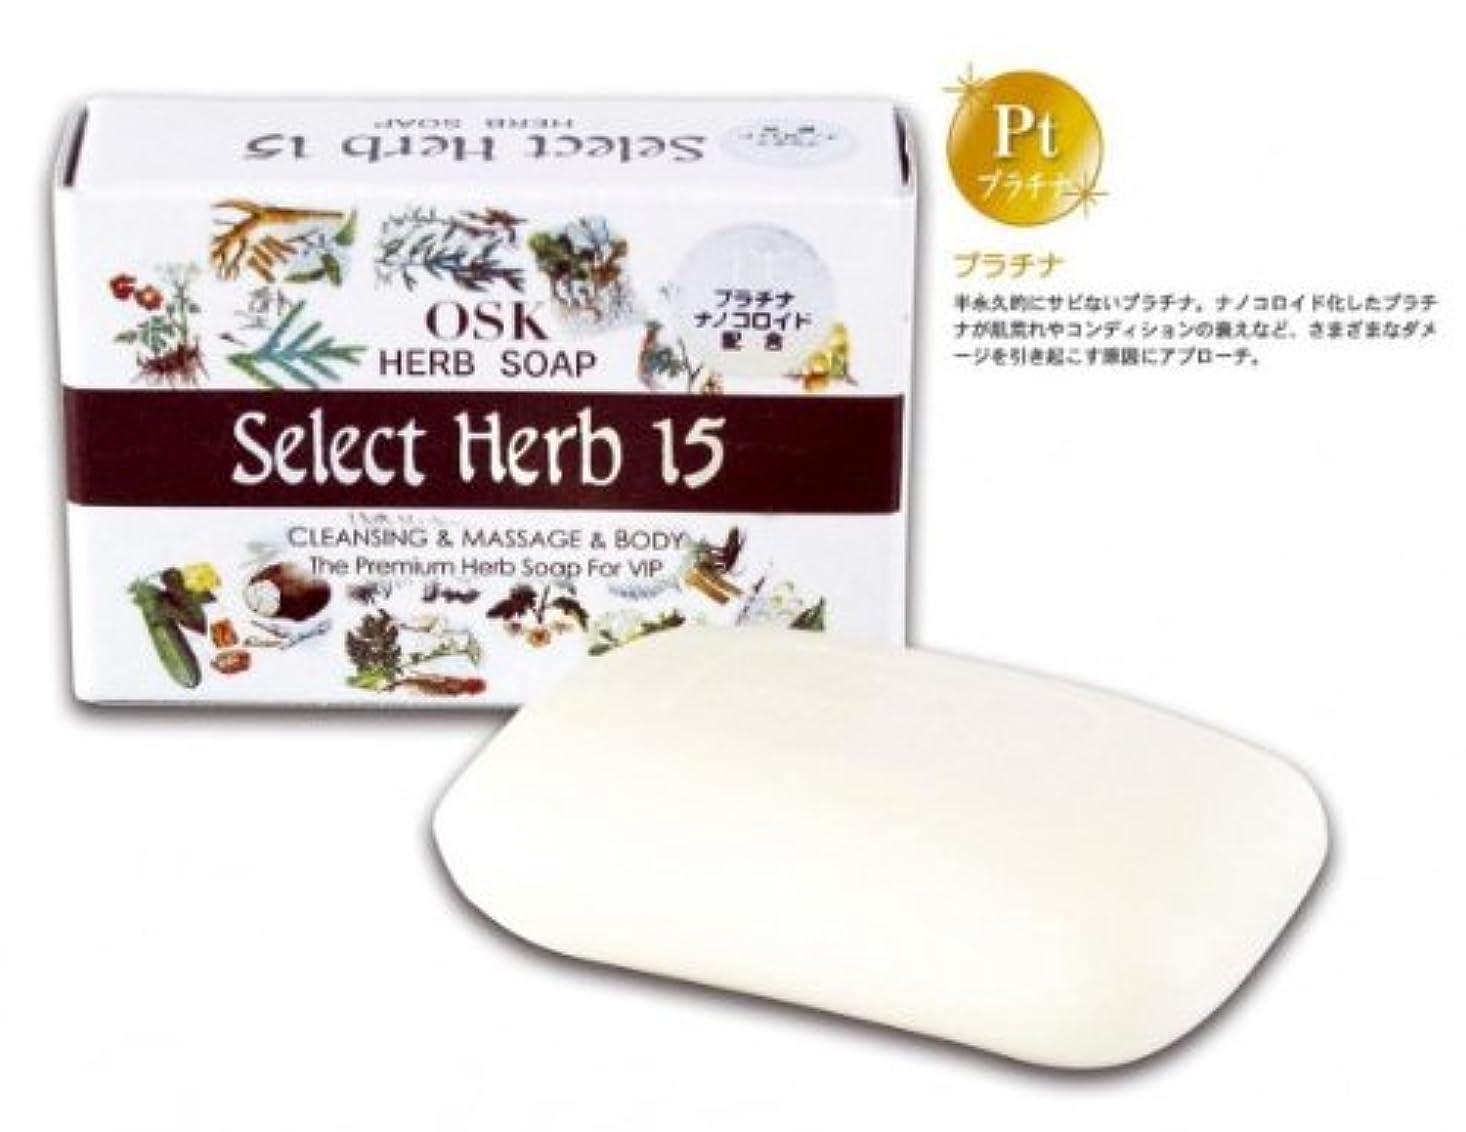 サイクル拮抗する叱るNEW OSK SOAP SelectHerb15(ニューオーエスケーソープセレクトハーブ15)135g